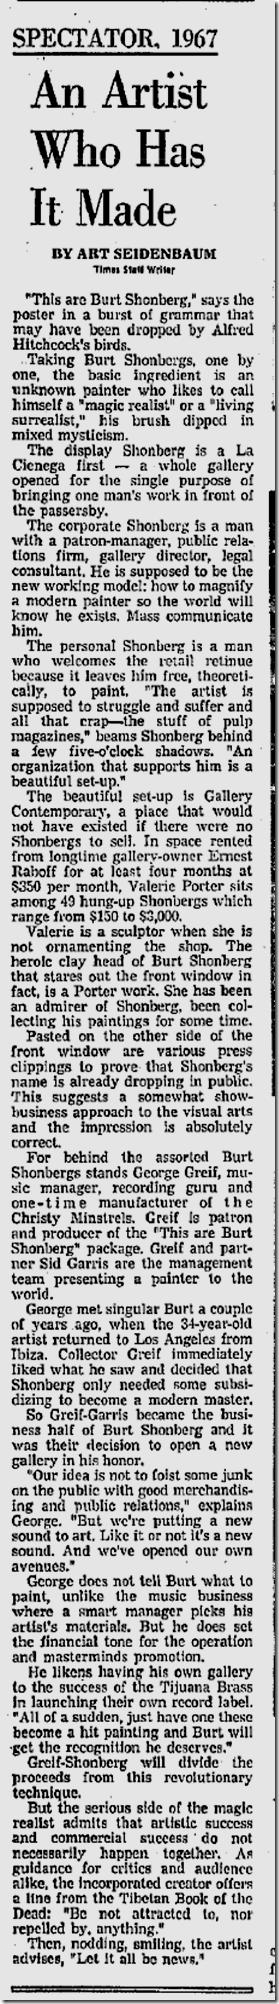 April 18, 1967, Burt Shonberg